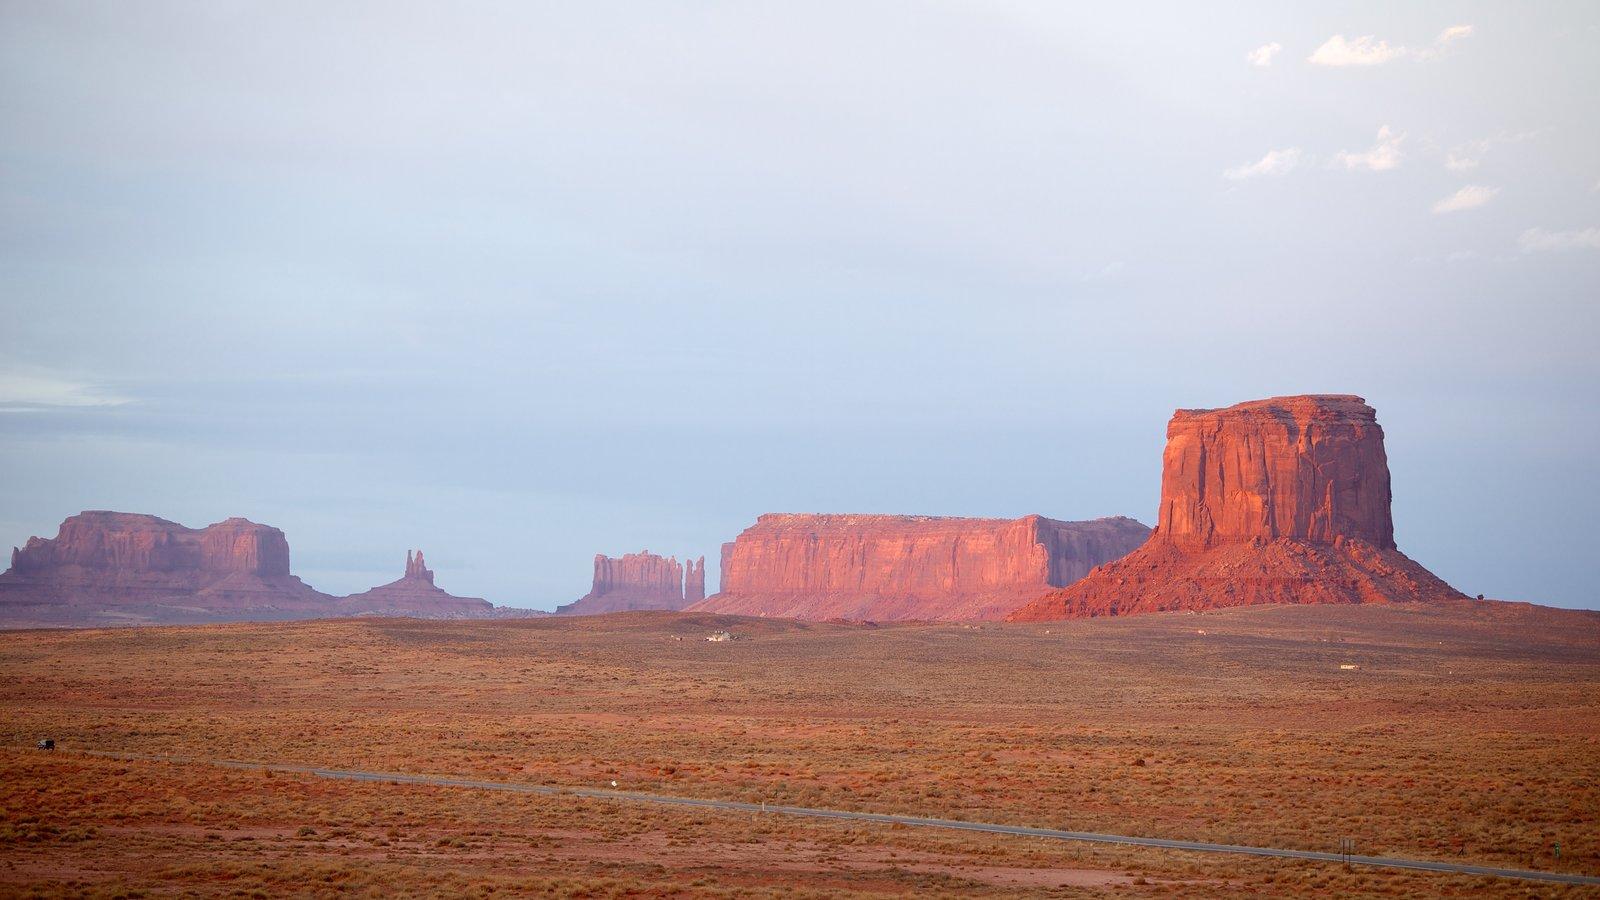 Monument Valley ofreciendo un barranco o cañón, vistas de paisajes y escenas tranquilas